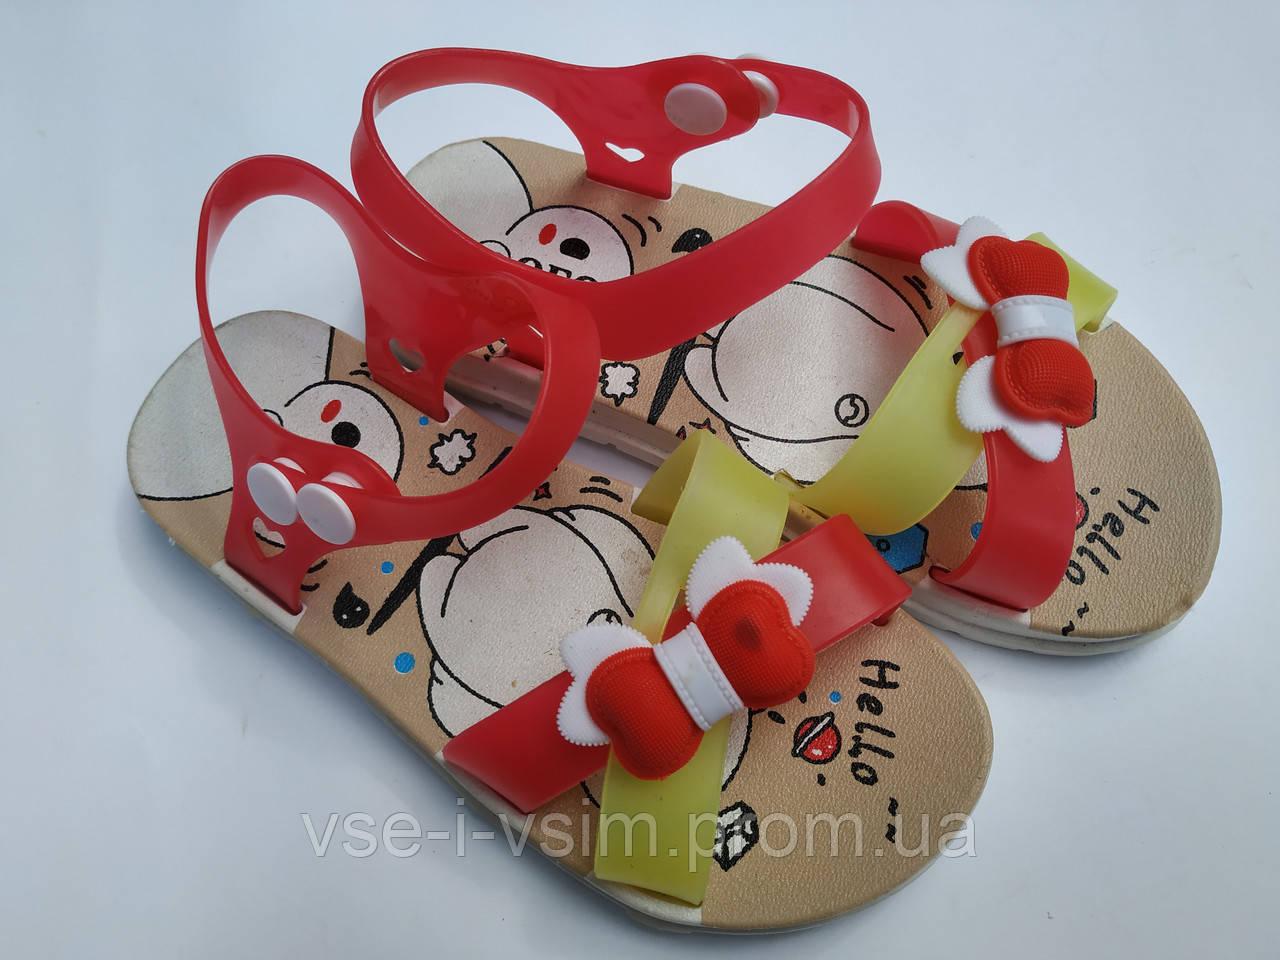 Детские босоножки для девочки 35 р 19 см